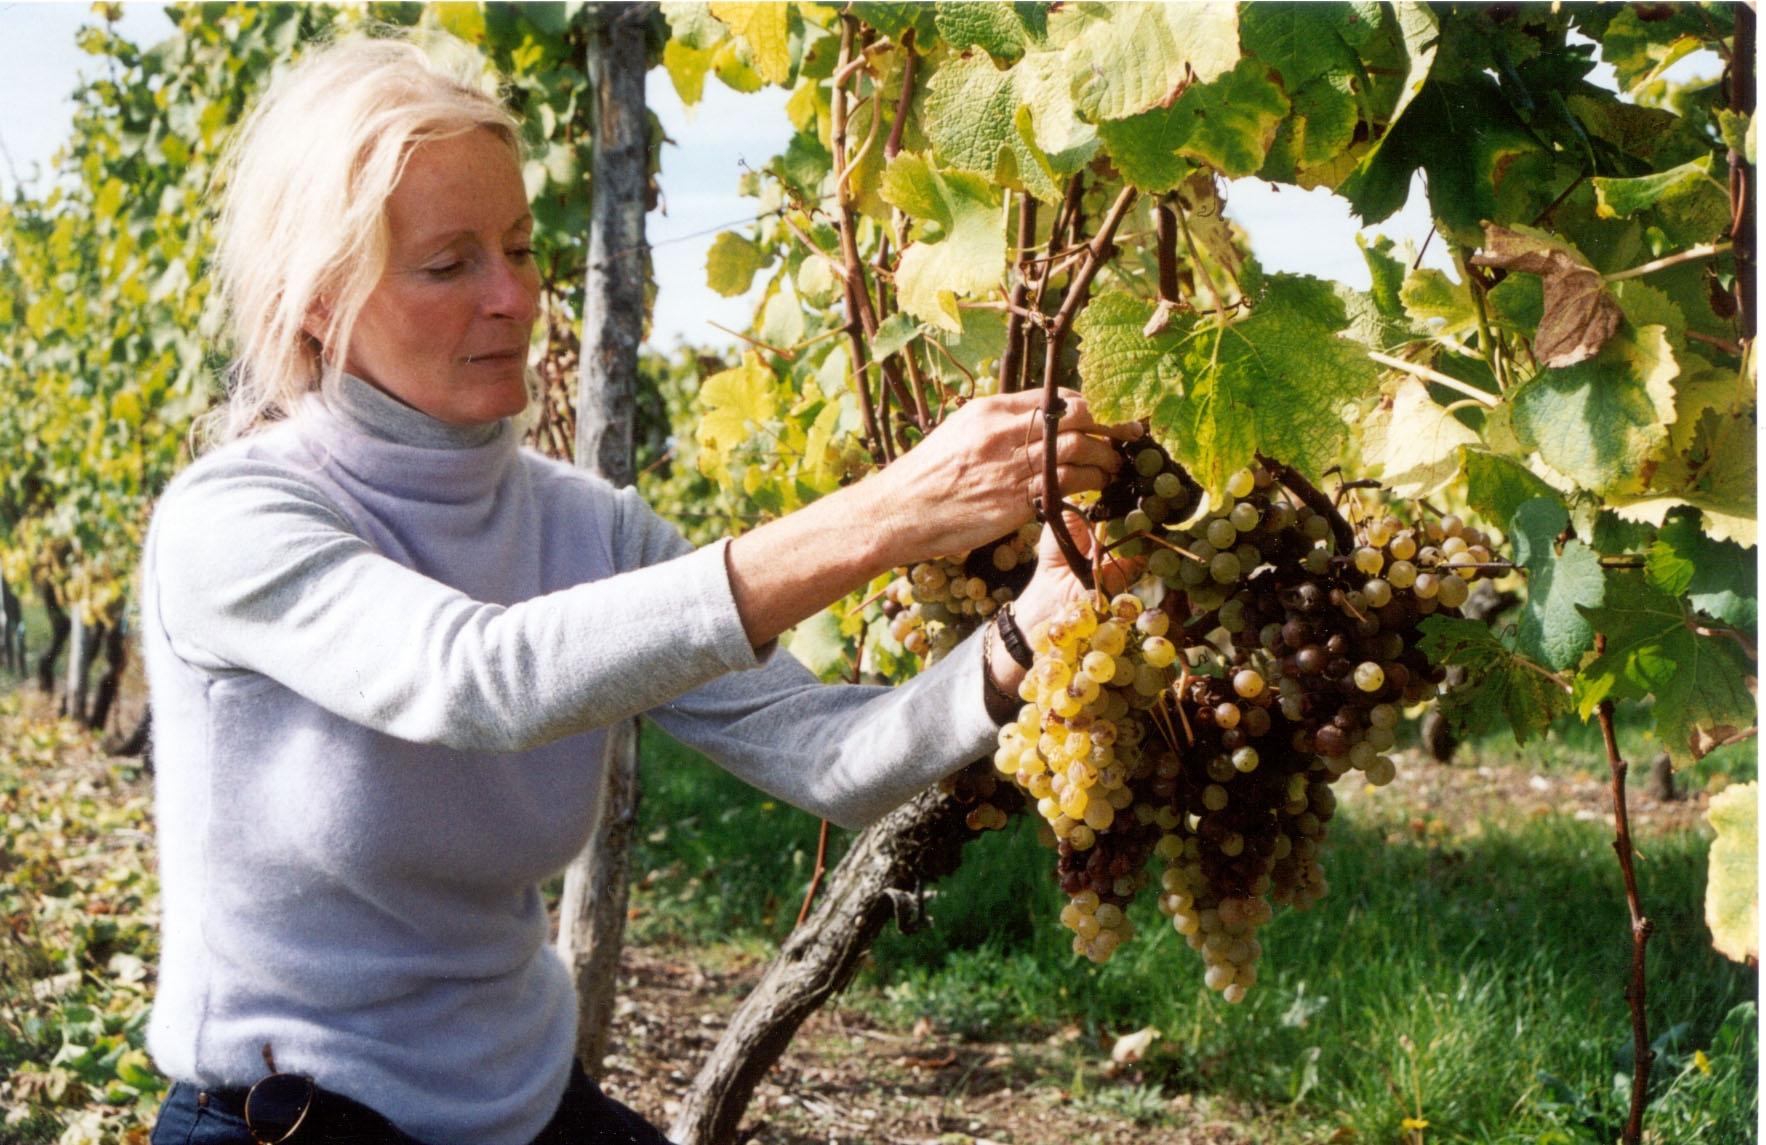 Najsłynniejsza Brytyjka produkująca wino na ENOEXPO 2012